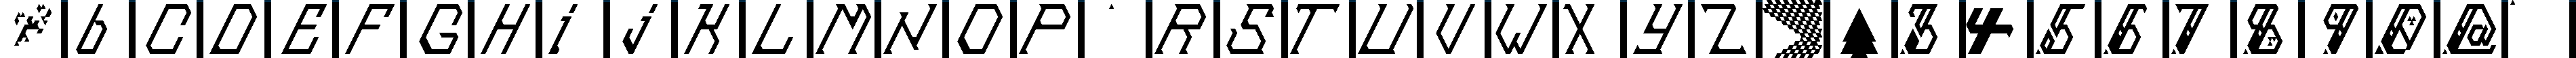 Particip-a-type v.321